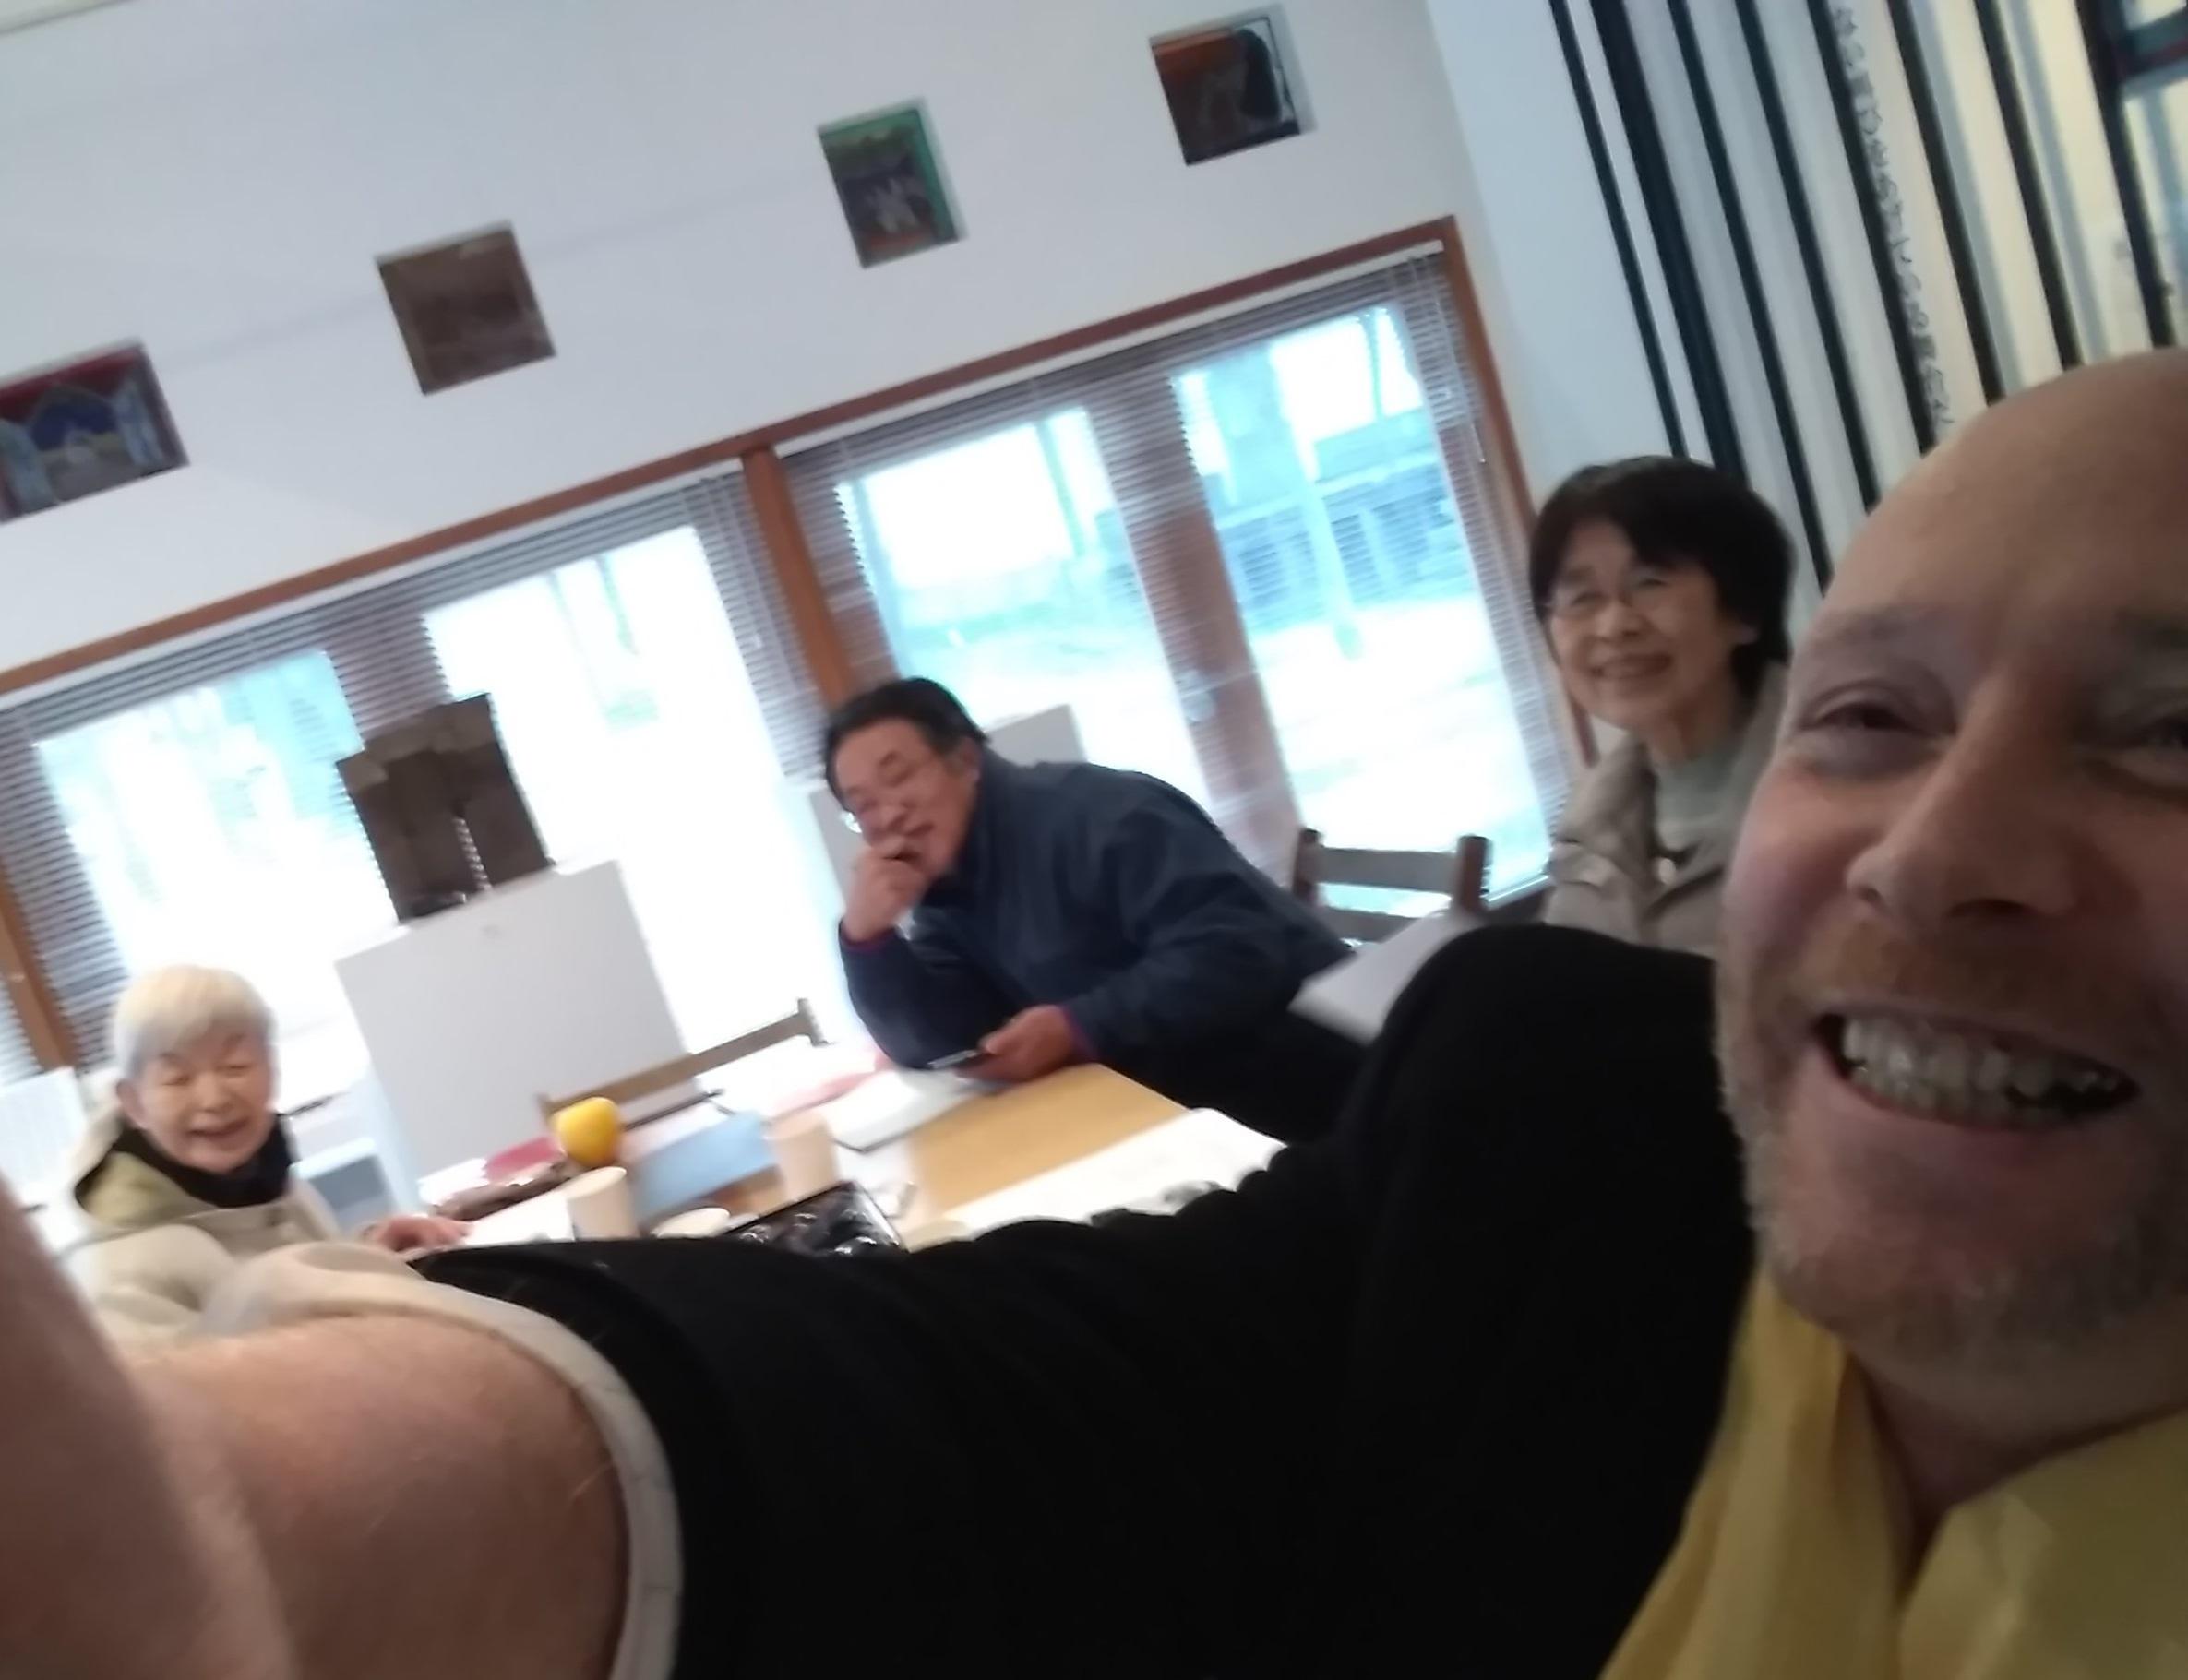 「檻の会」12月例会の報告 Kukai de decembre au Memorial Ori no haikukan_e0375210_21173595.jpg